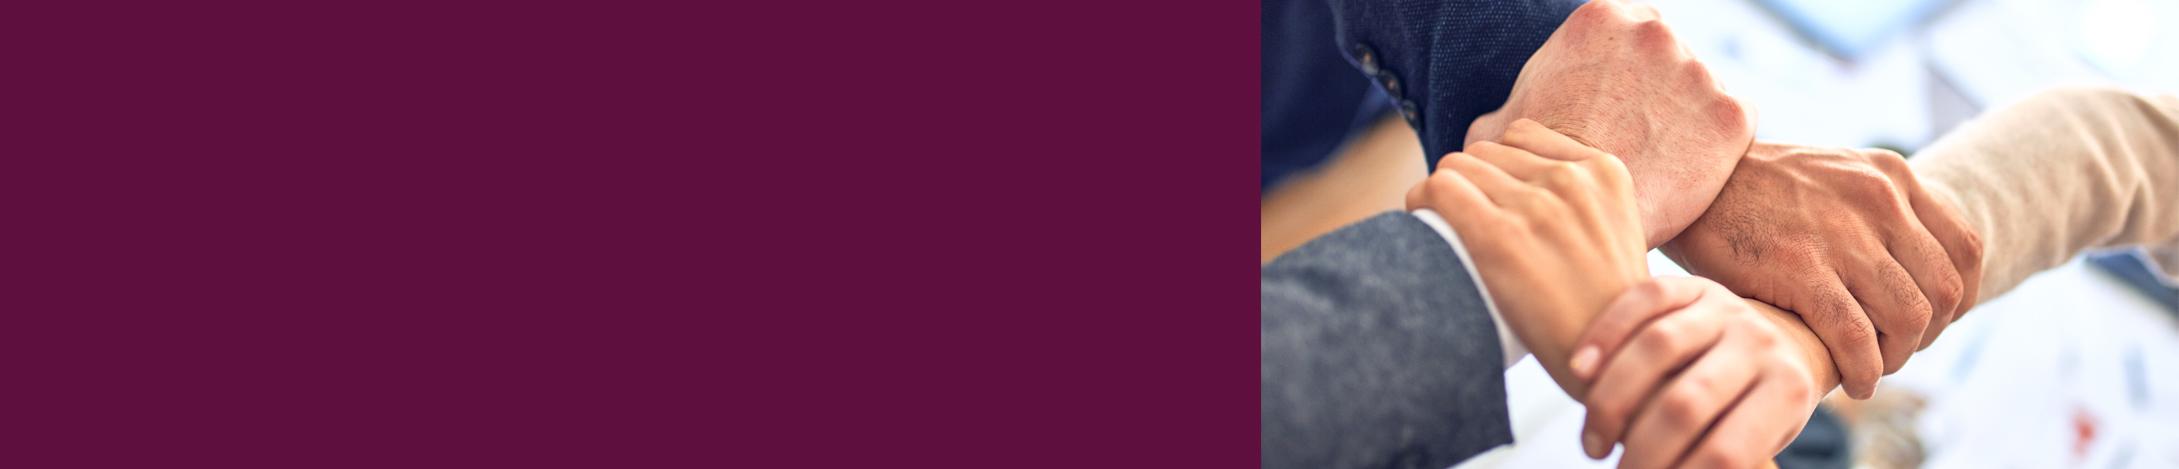 Giovedì 3 dicembre: Webinar sulla compatibilità e integrazione con la professione di consulente finanziario autonomo indipendente